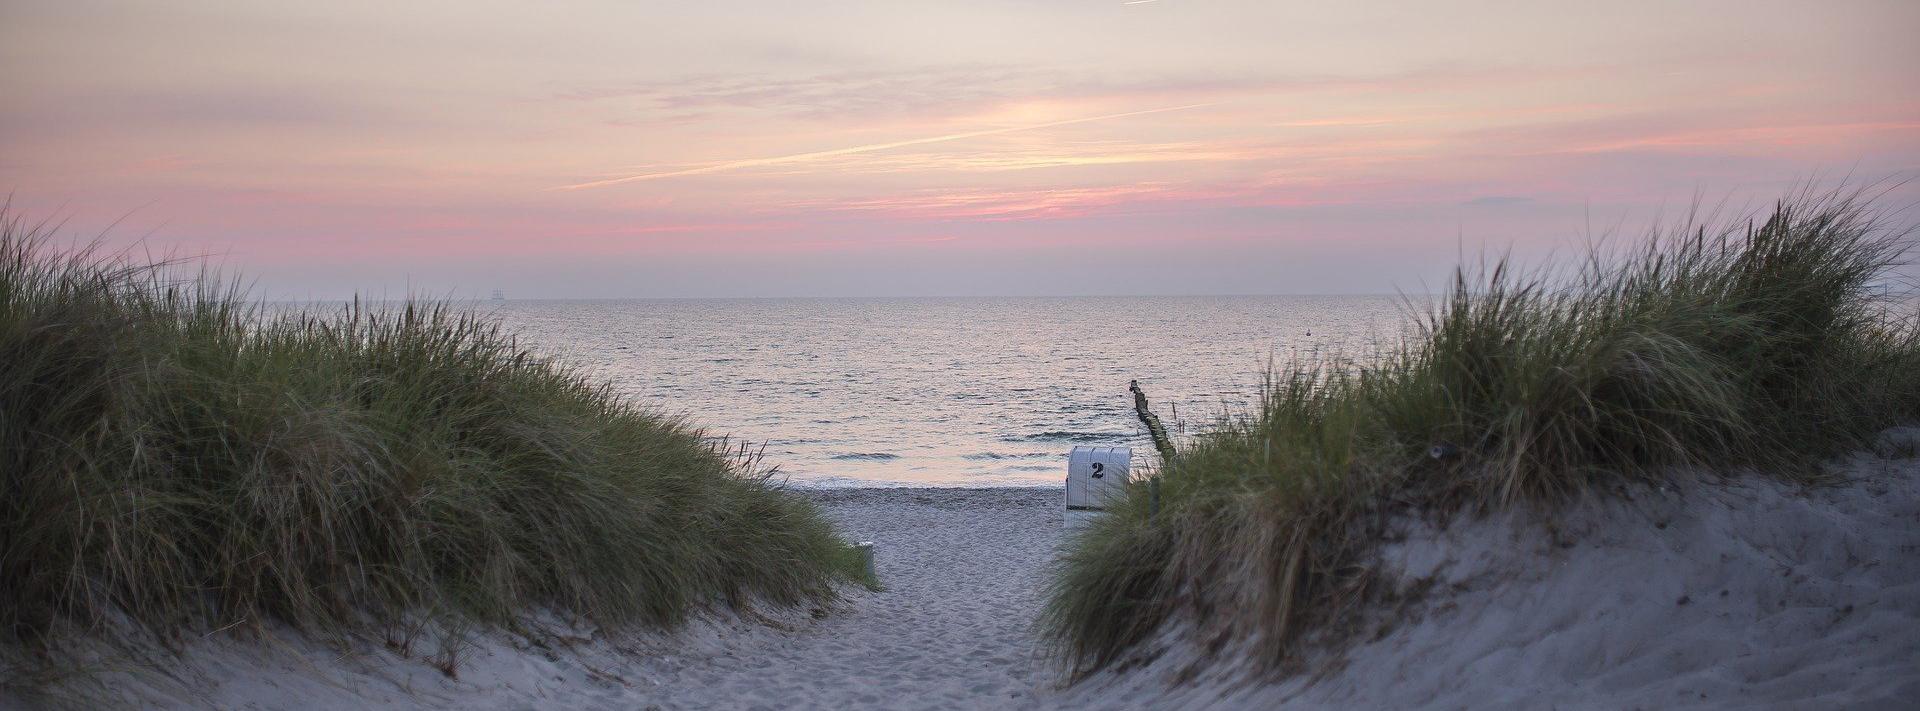 Ostseeinseln in Deutschland